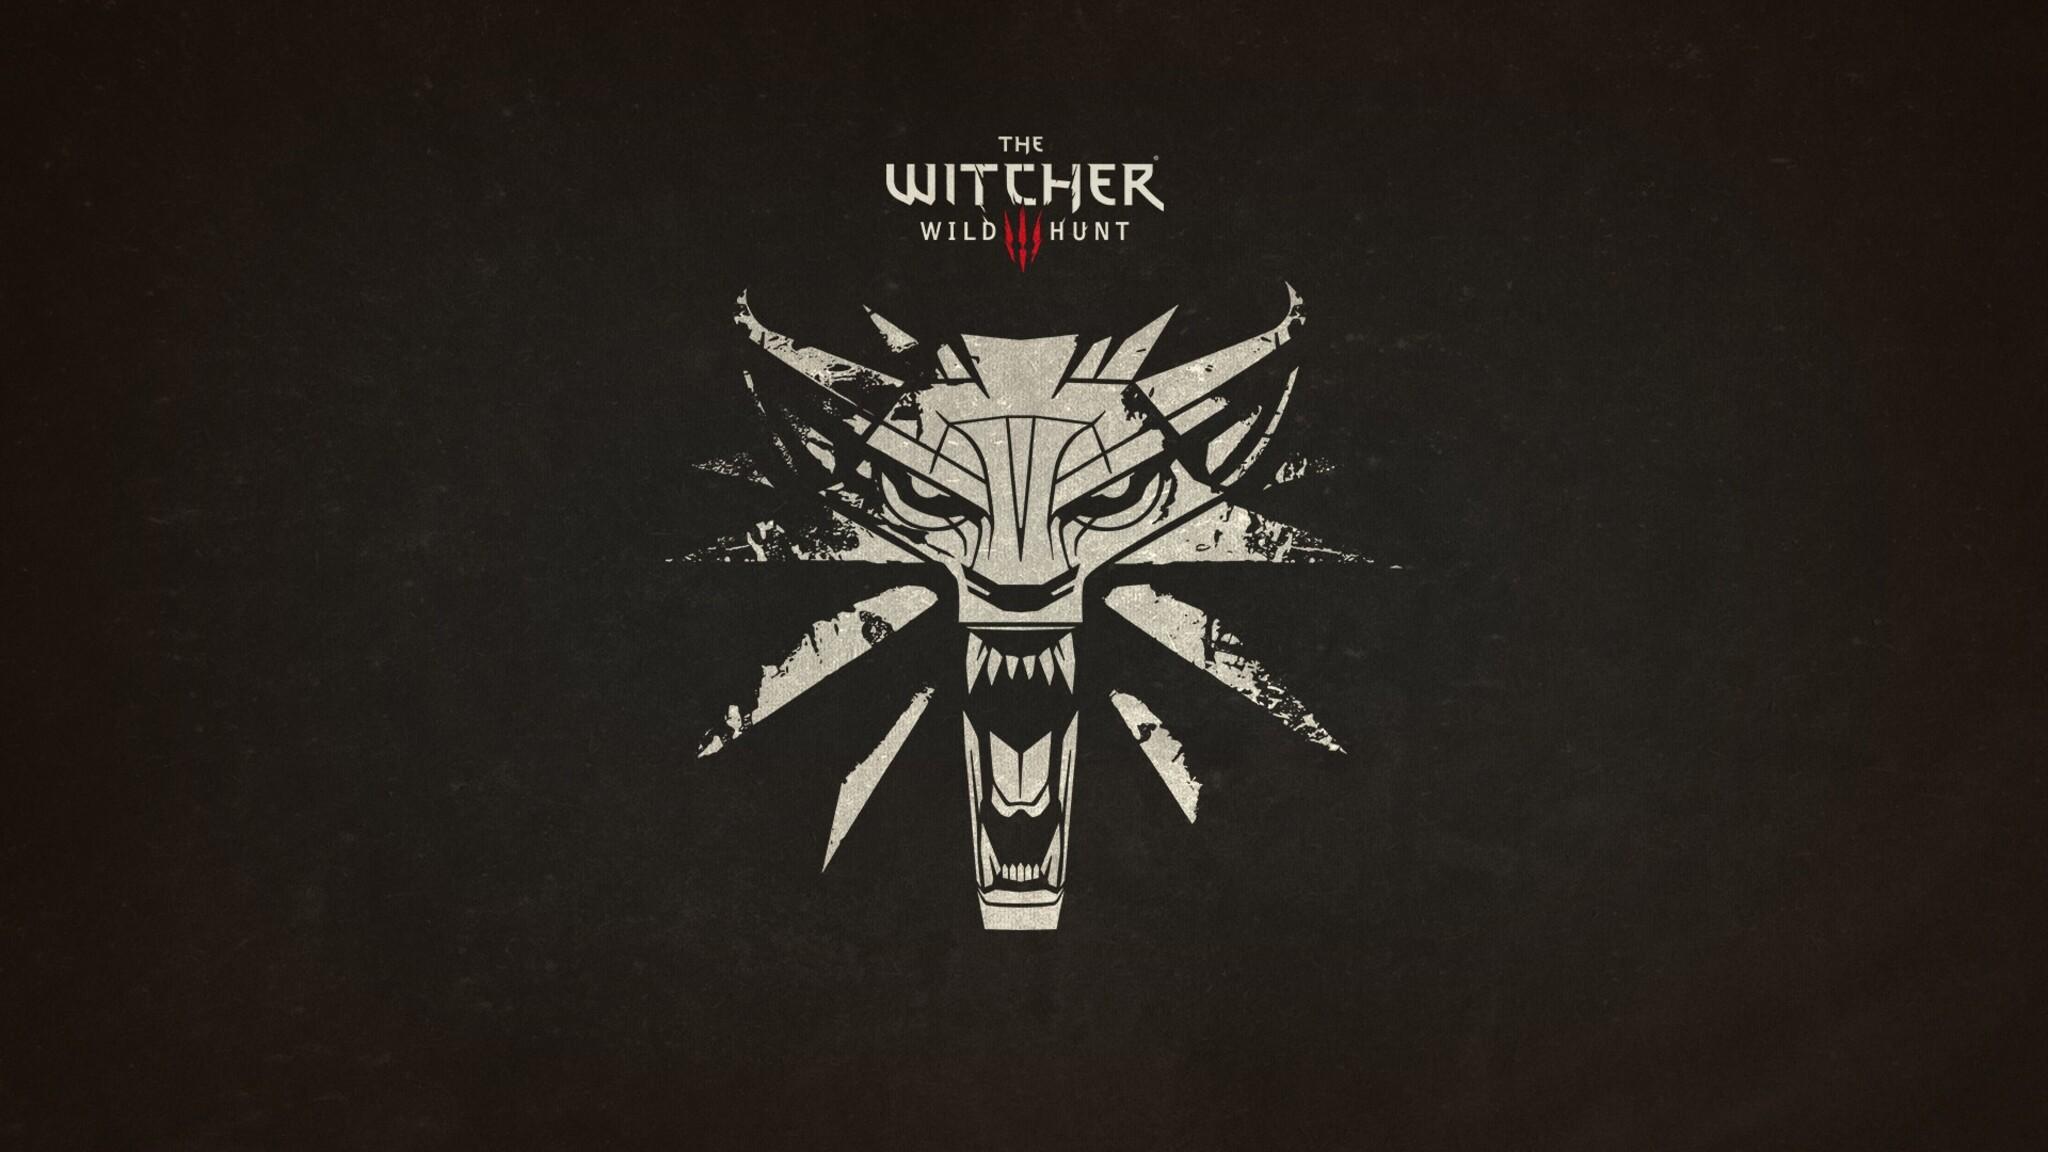 2048x1152 The Witcher 3 Wild Hunt Logo 2048x1152